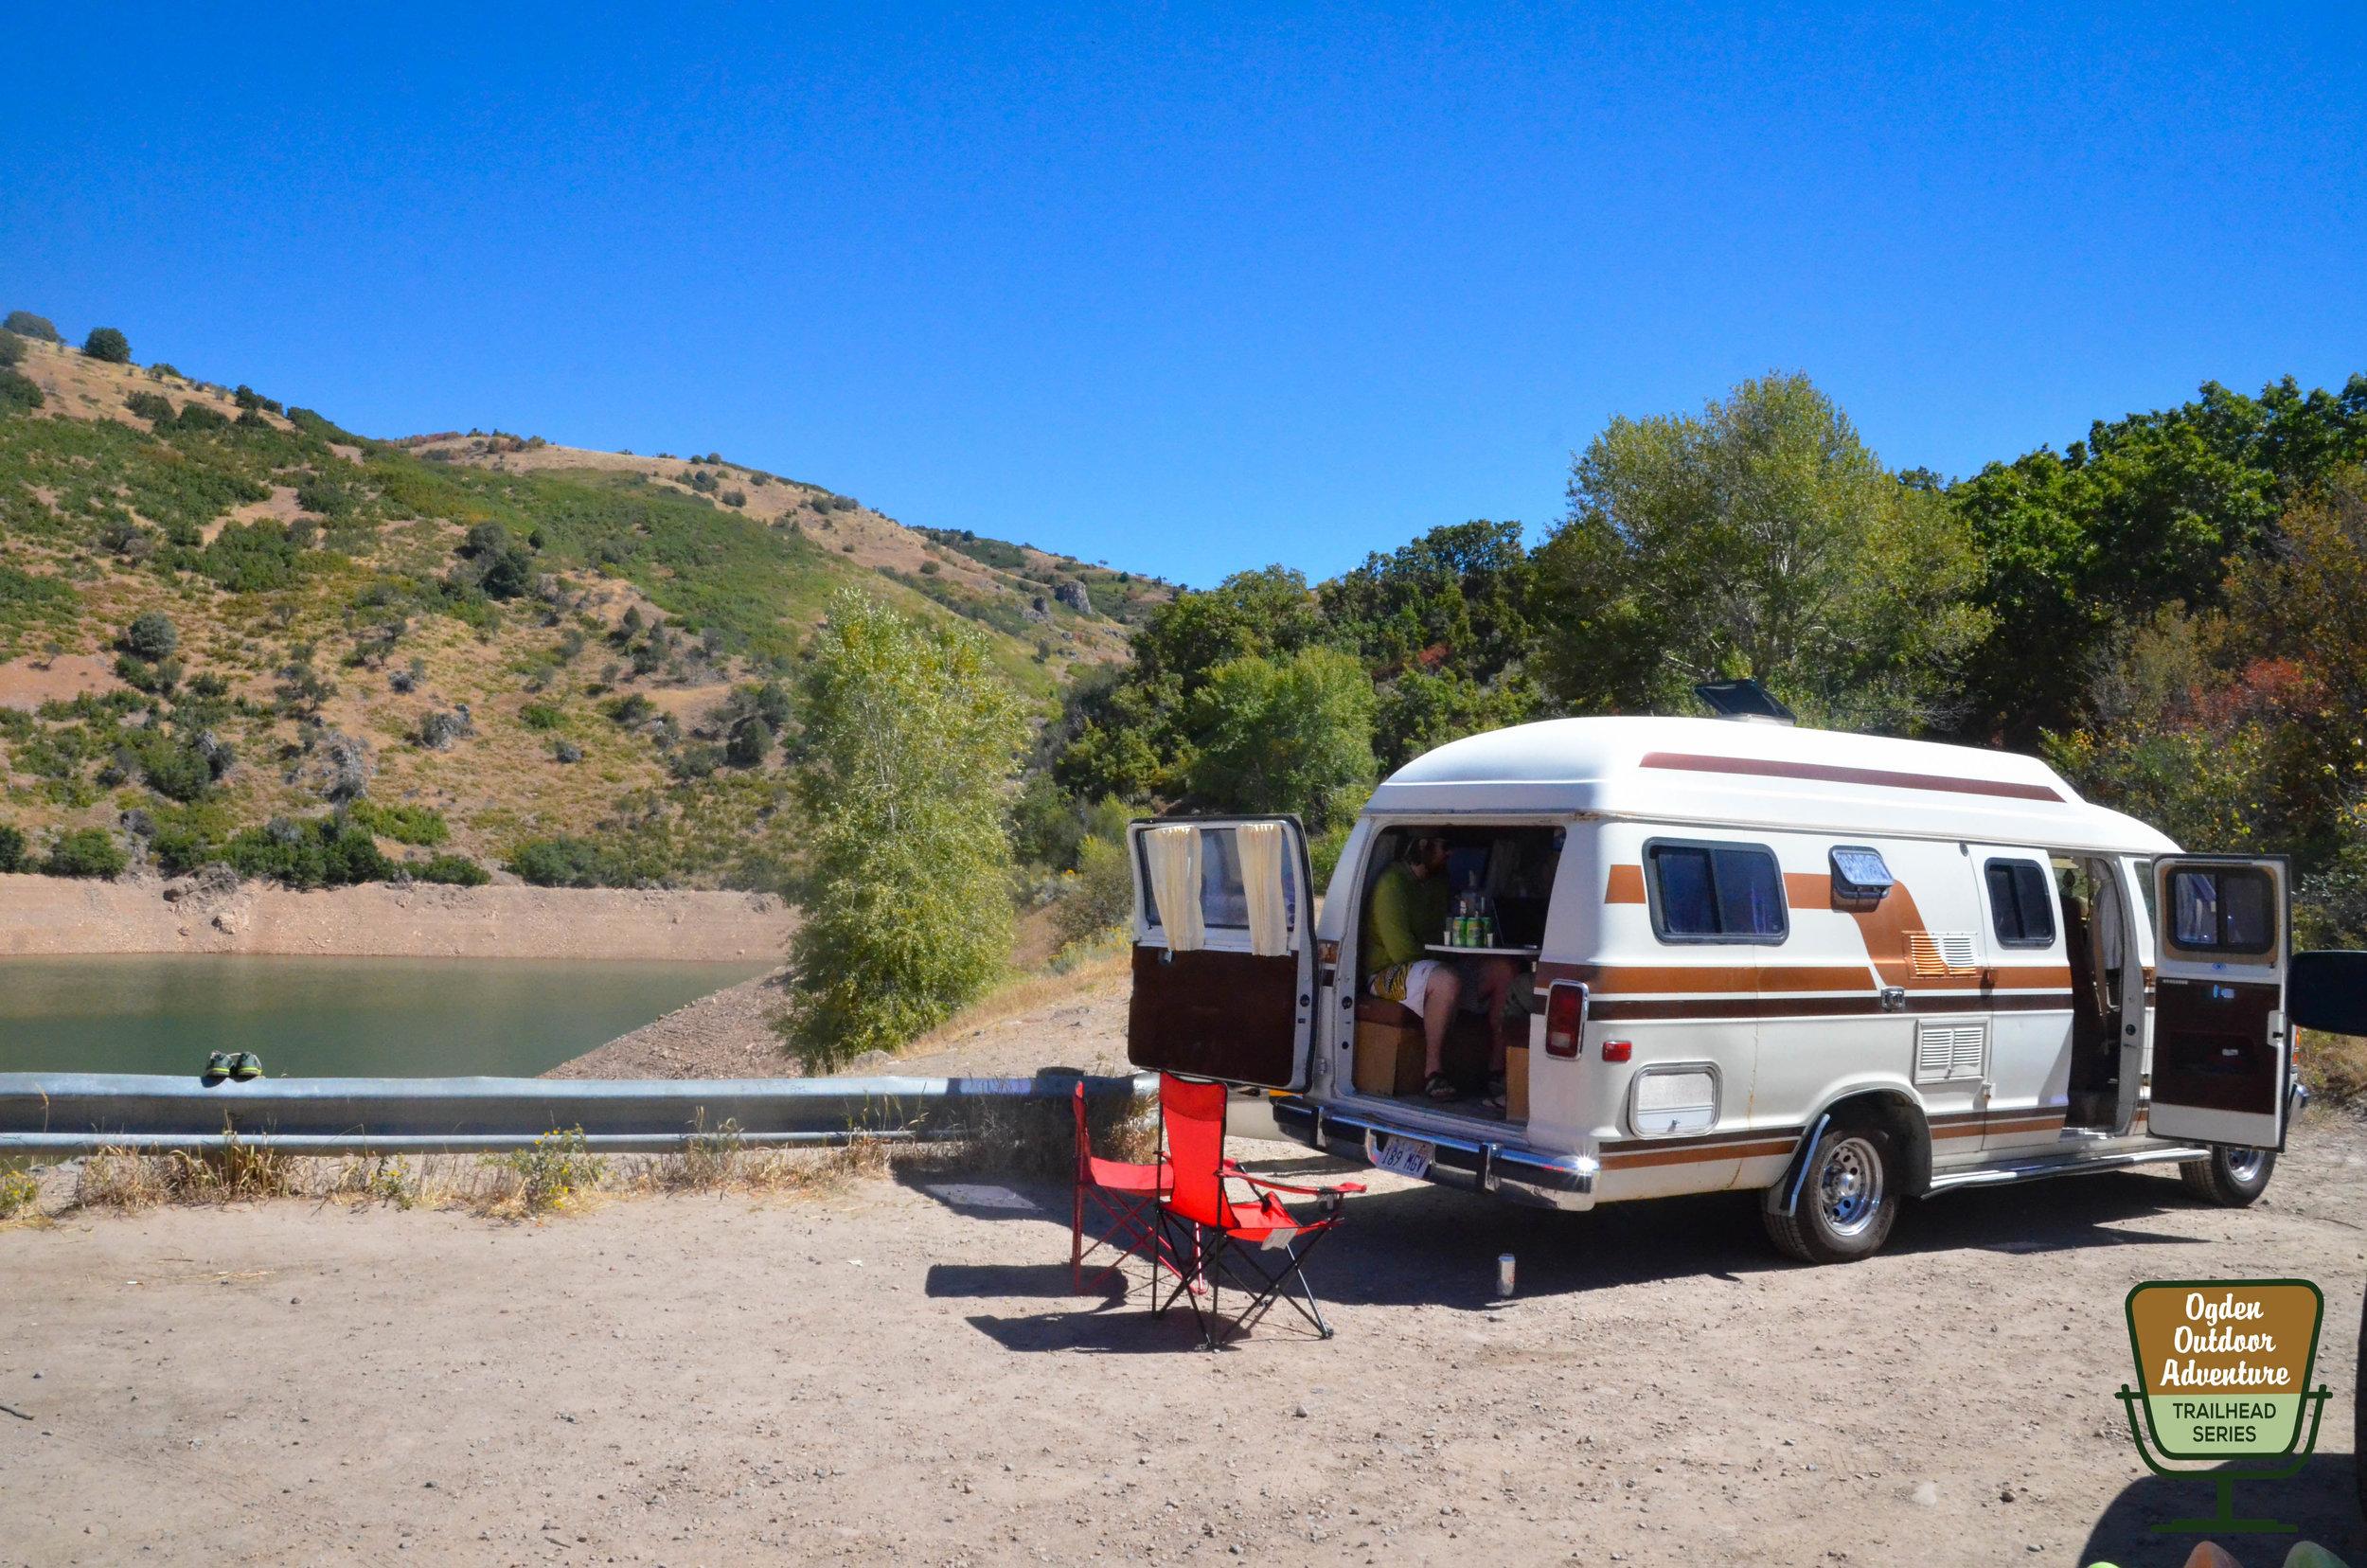 Ogden Outdoor Adventure 251, Red Spawn-24.jpg